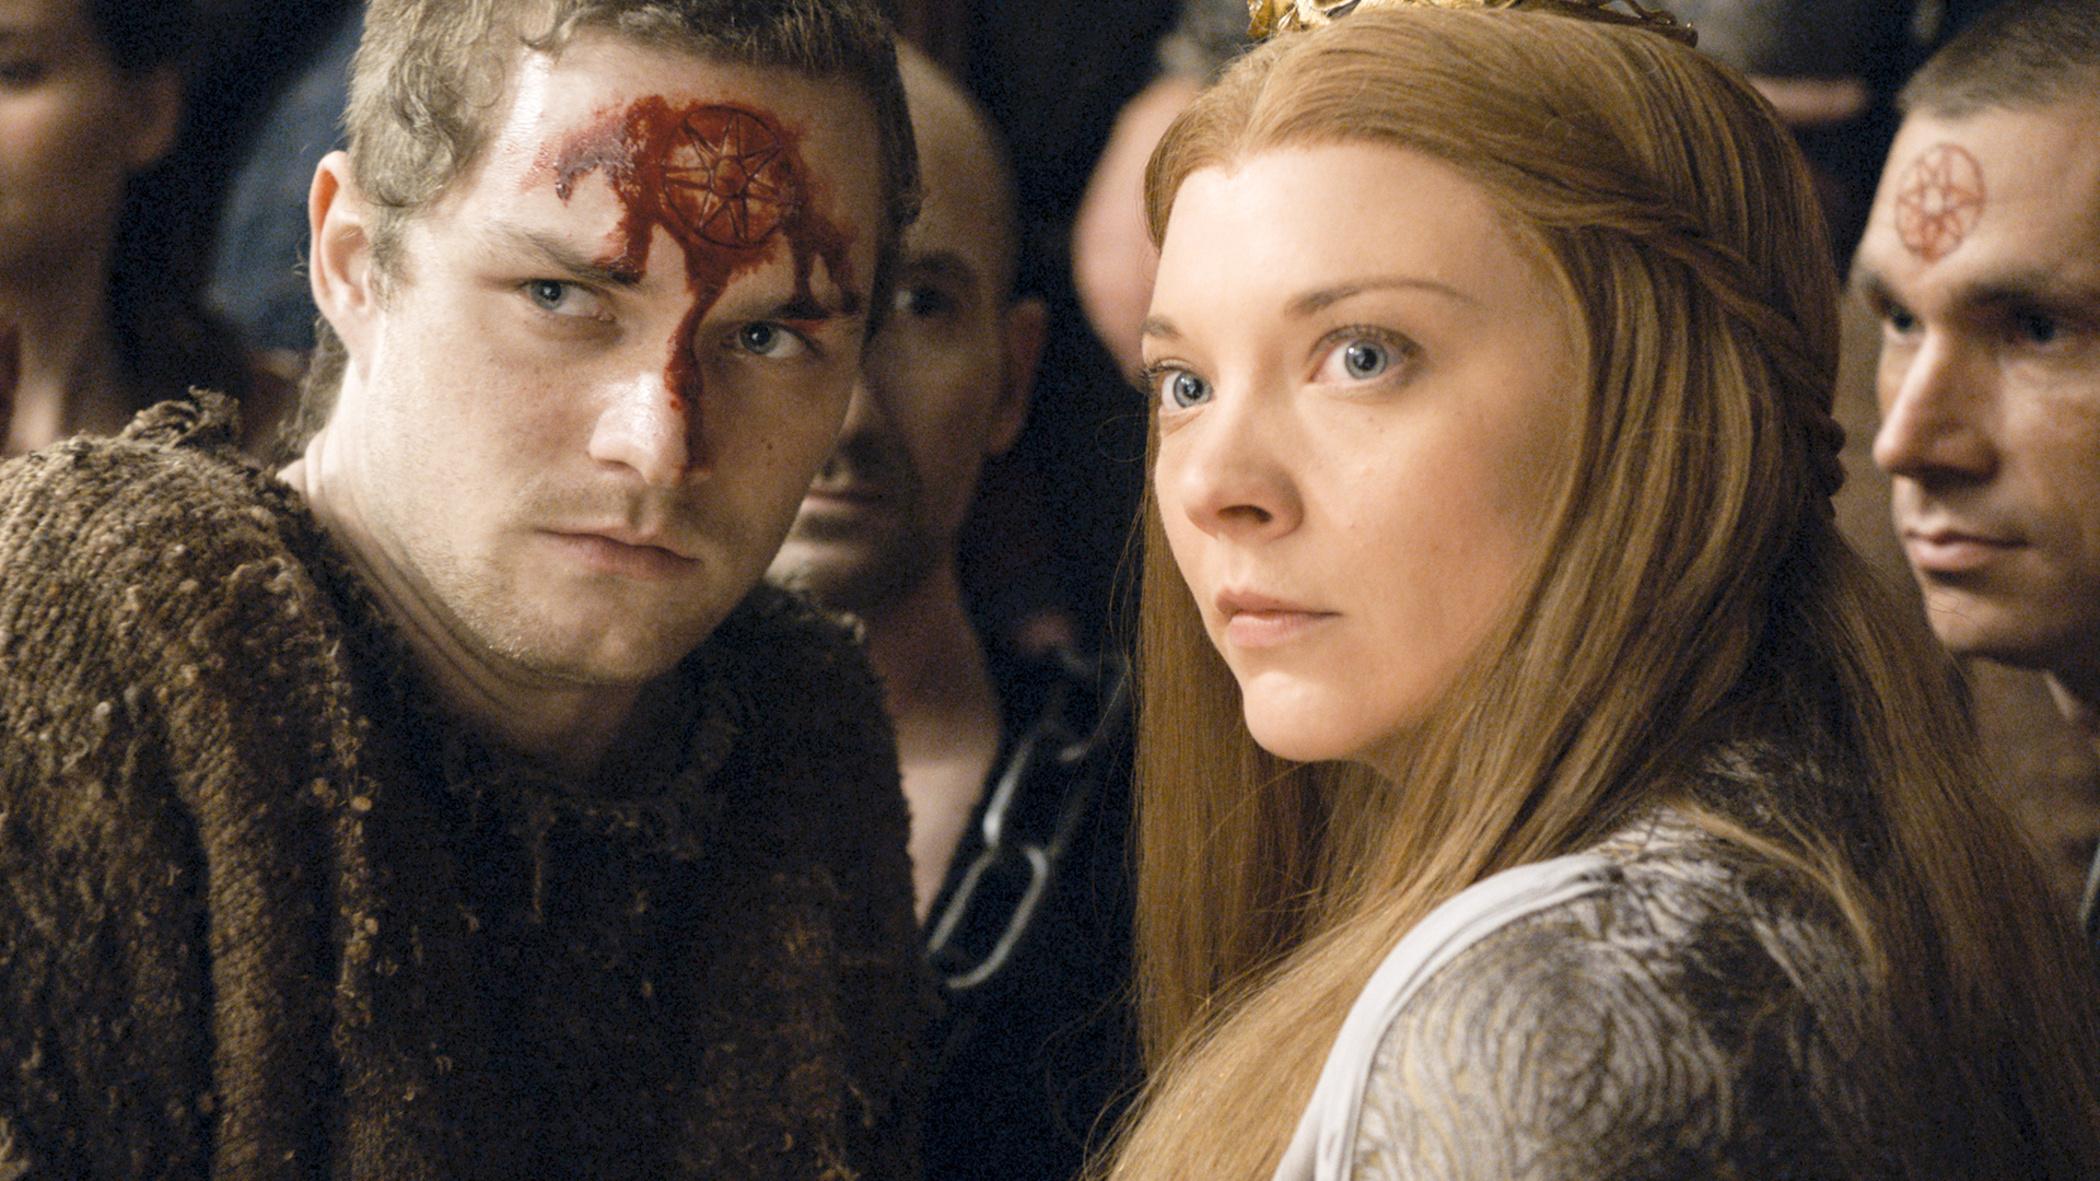 Finn Jones and Natalie Dormer in Game of Thrones